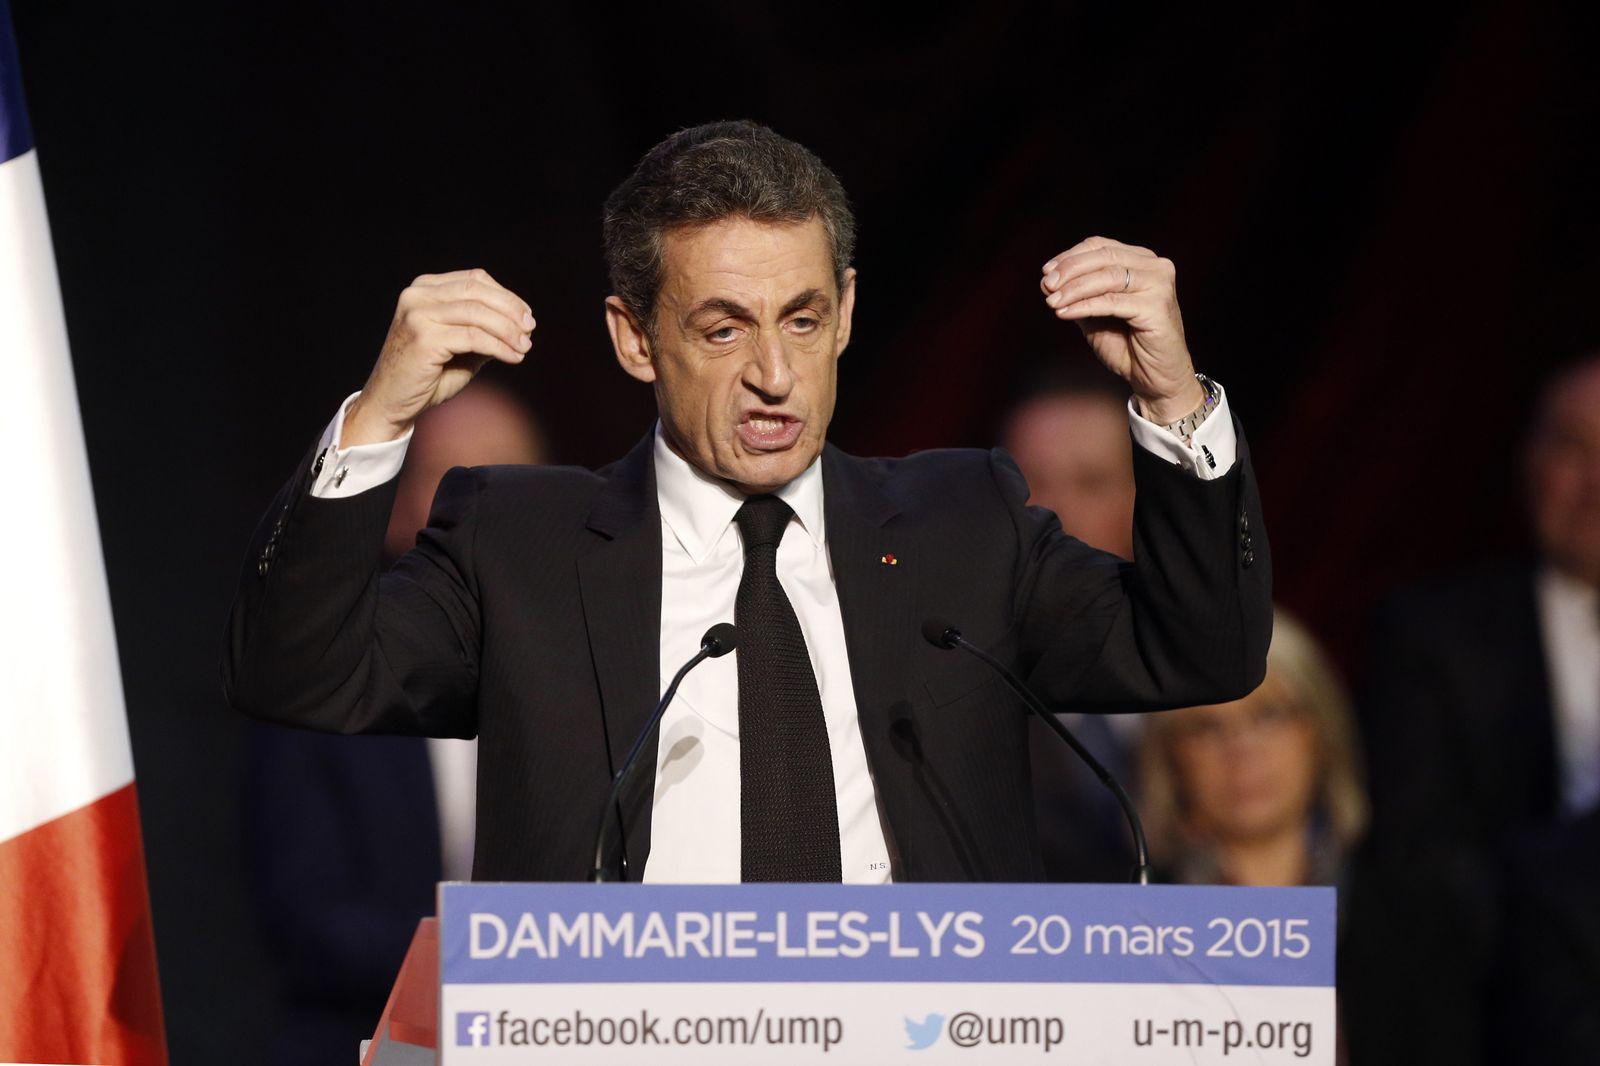 Nicolas Sarkozy, Frankfreich, UMP